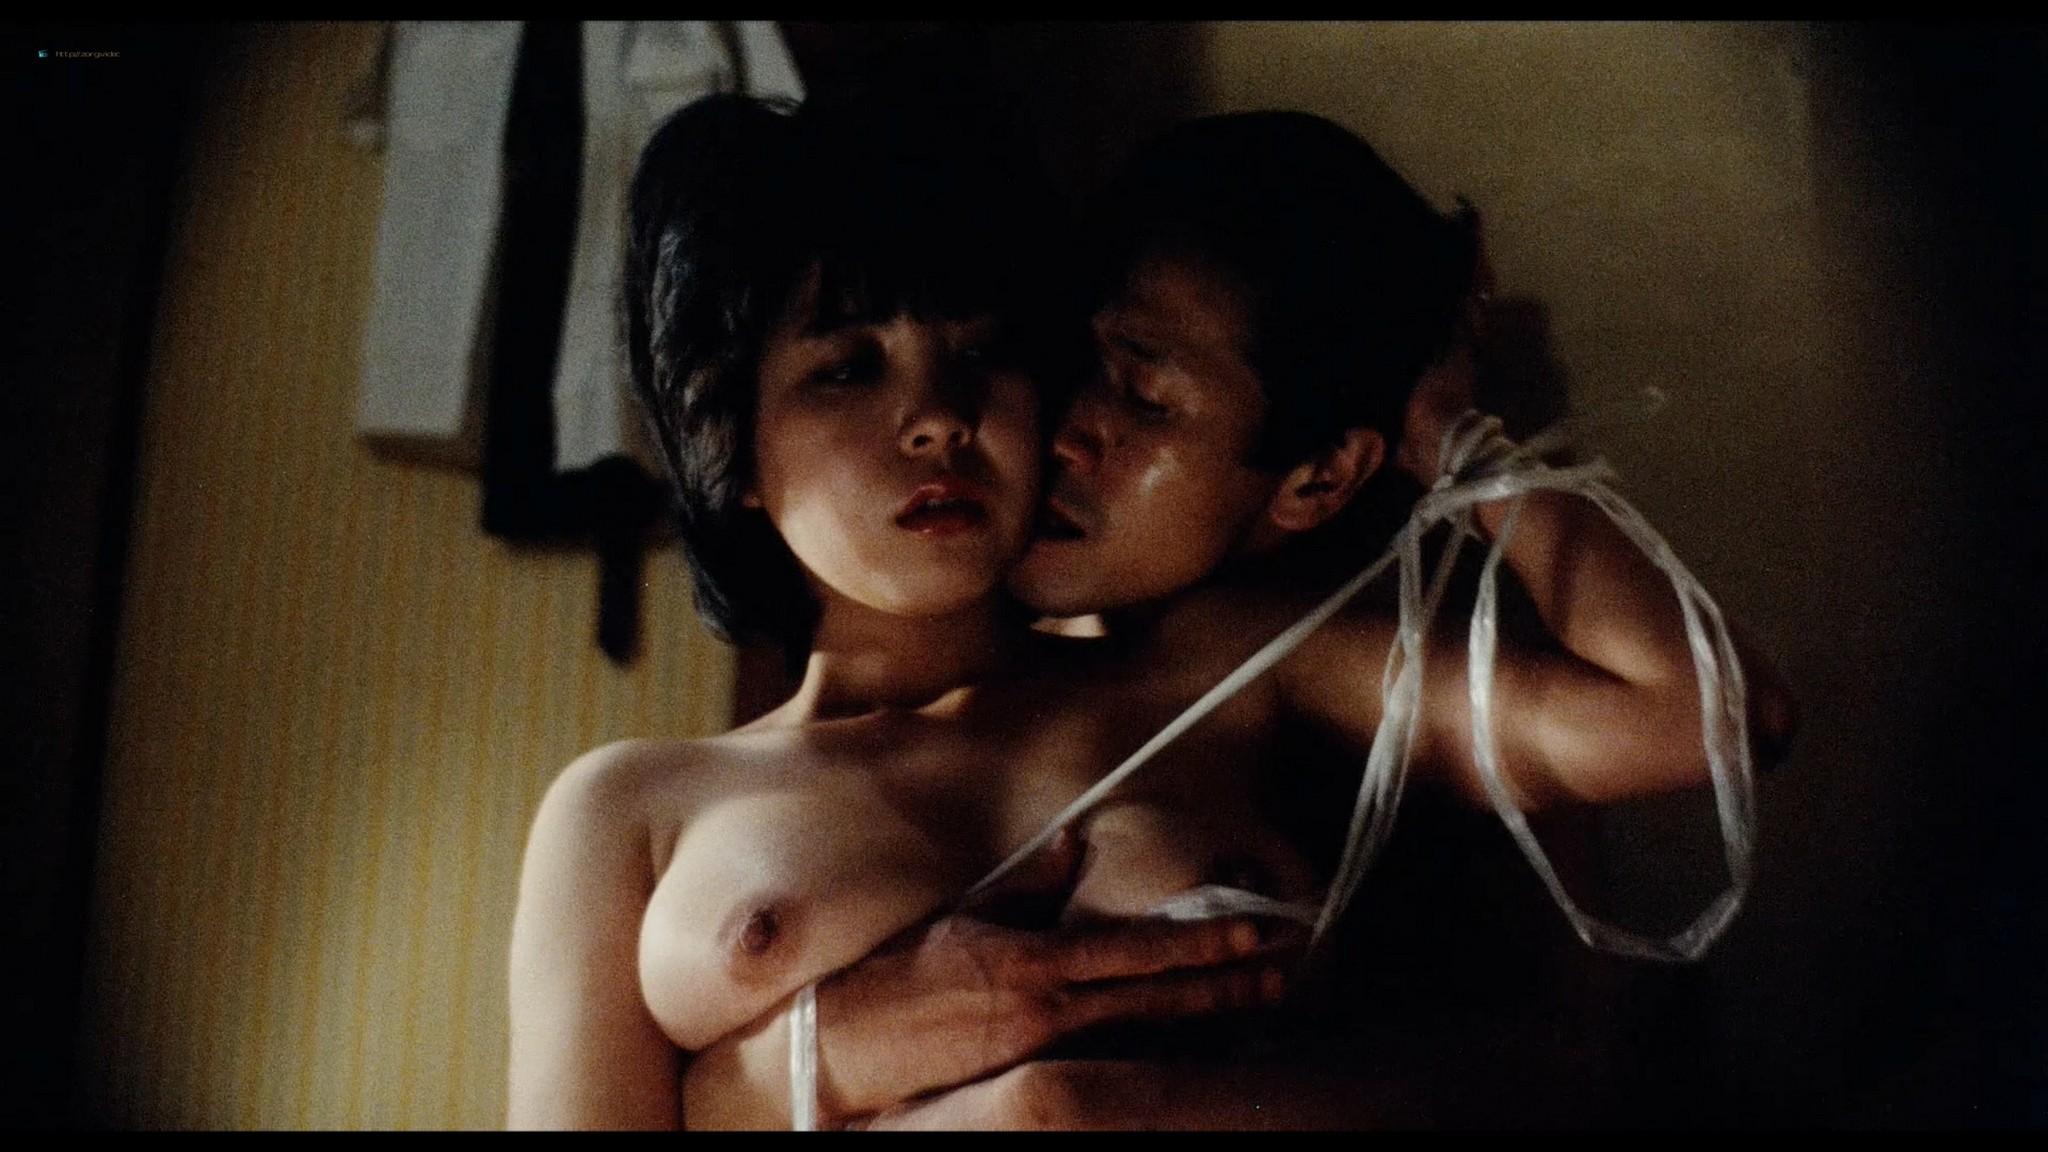 Miki Yamaji nude sex Kaoru Kaze and others nude - Abnormal Family (1984) HD 1080p BluRay (7)